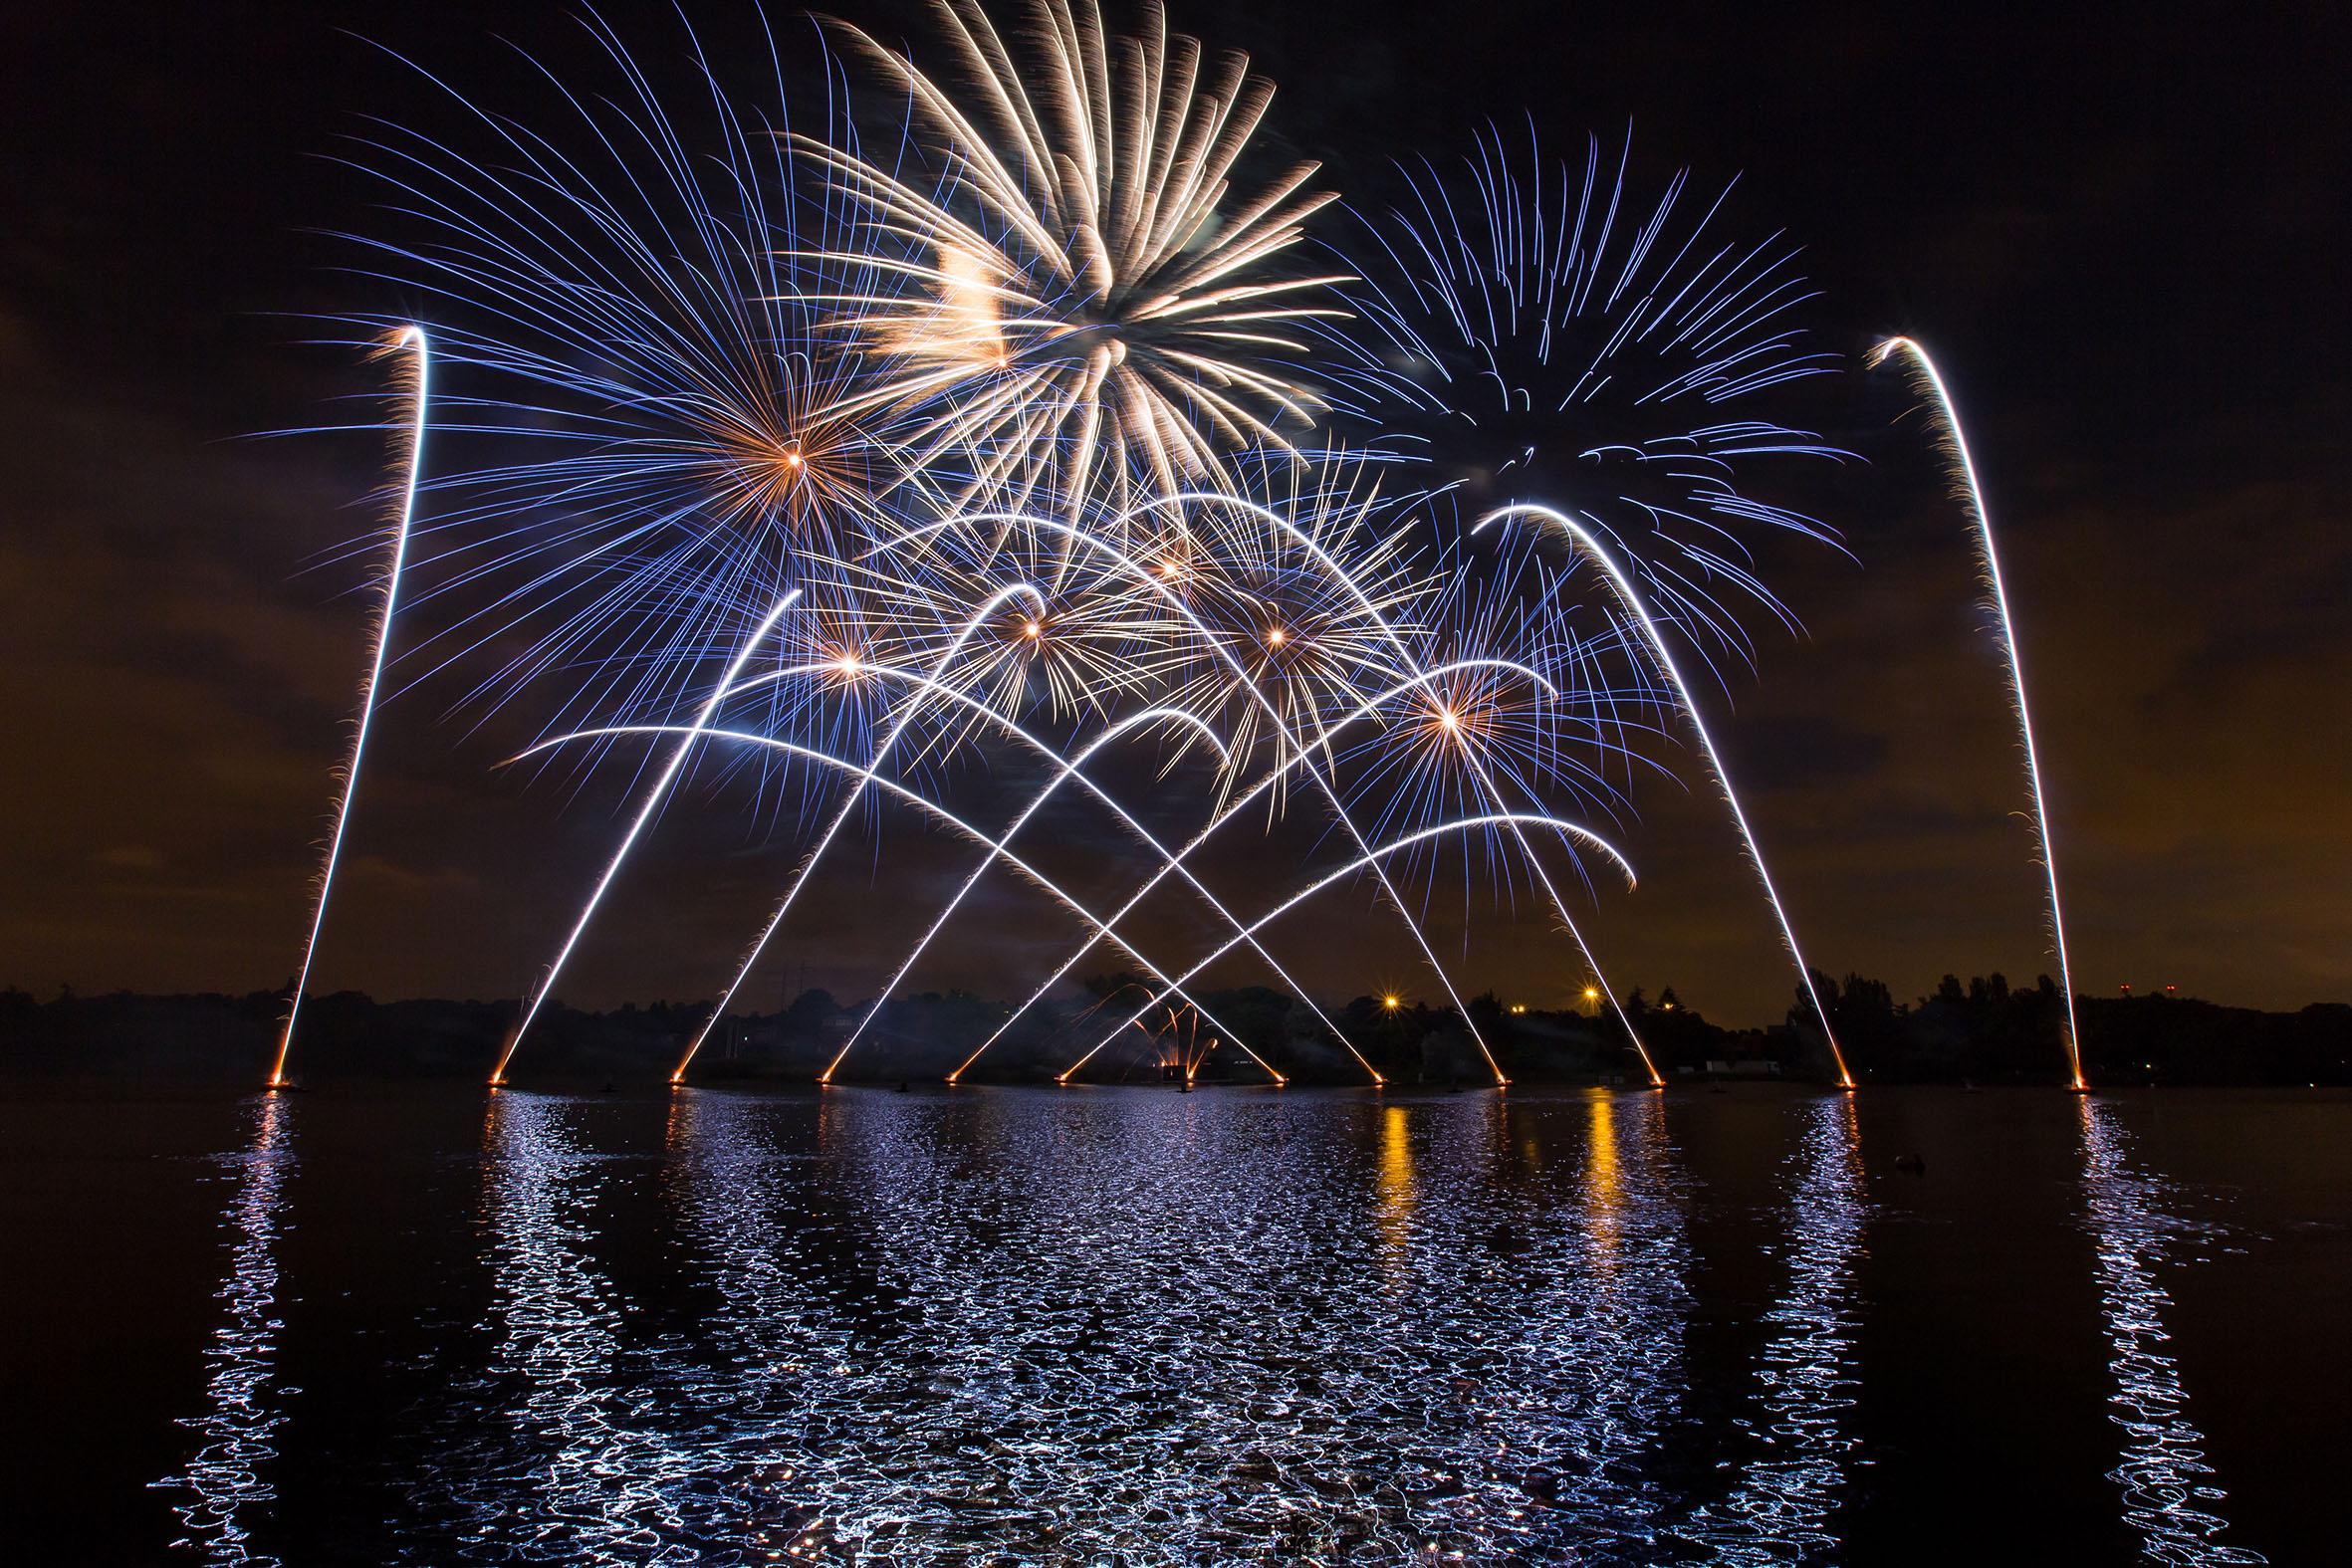 В Бордо состоится знаменитый Фестиваль вин В Бордо состоится знаменитый Фестиваль вин Pyrotechnic display Dragon Fireworks 1